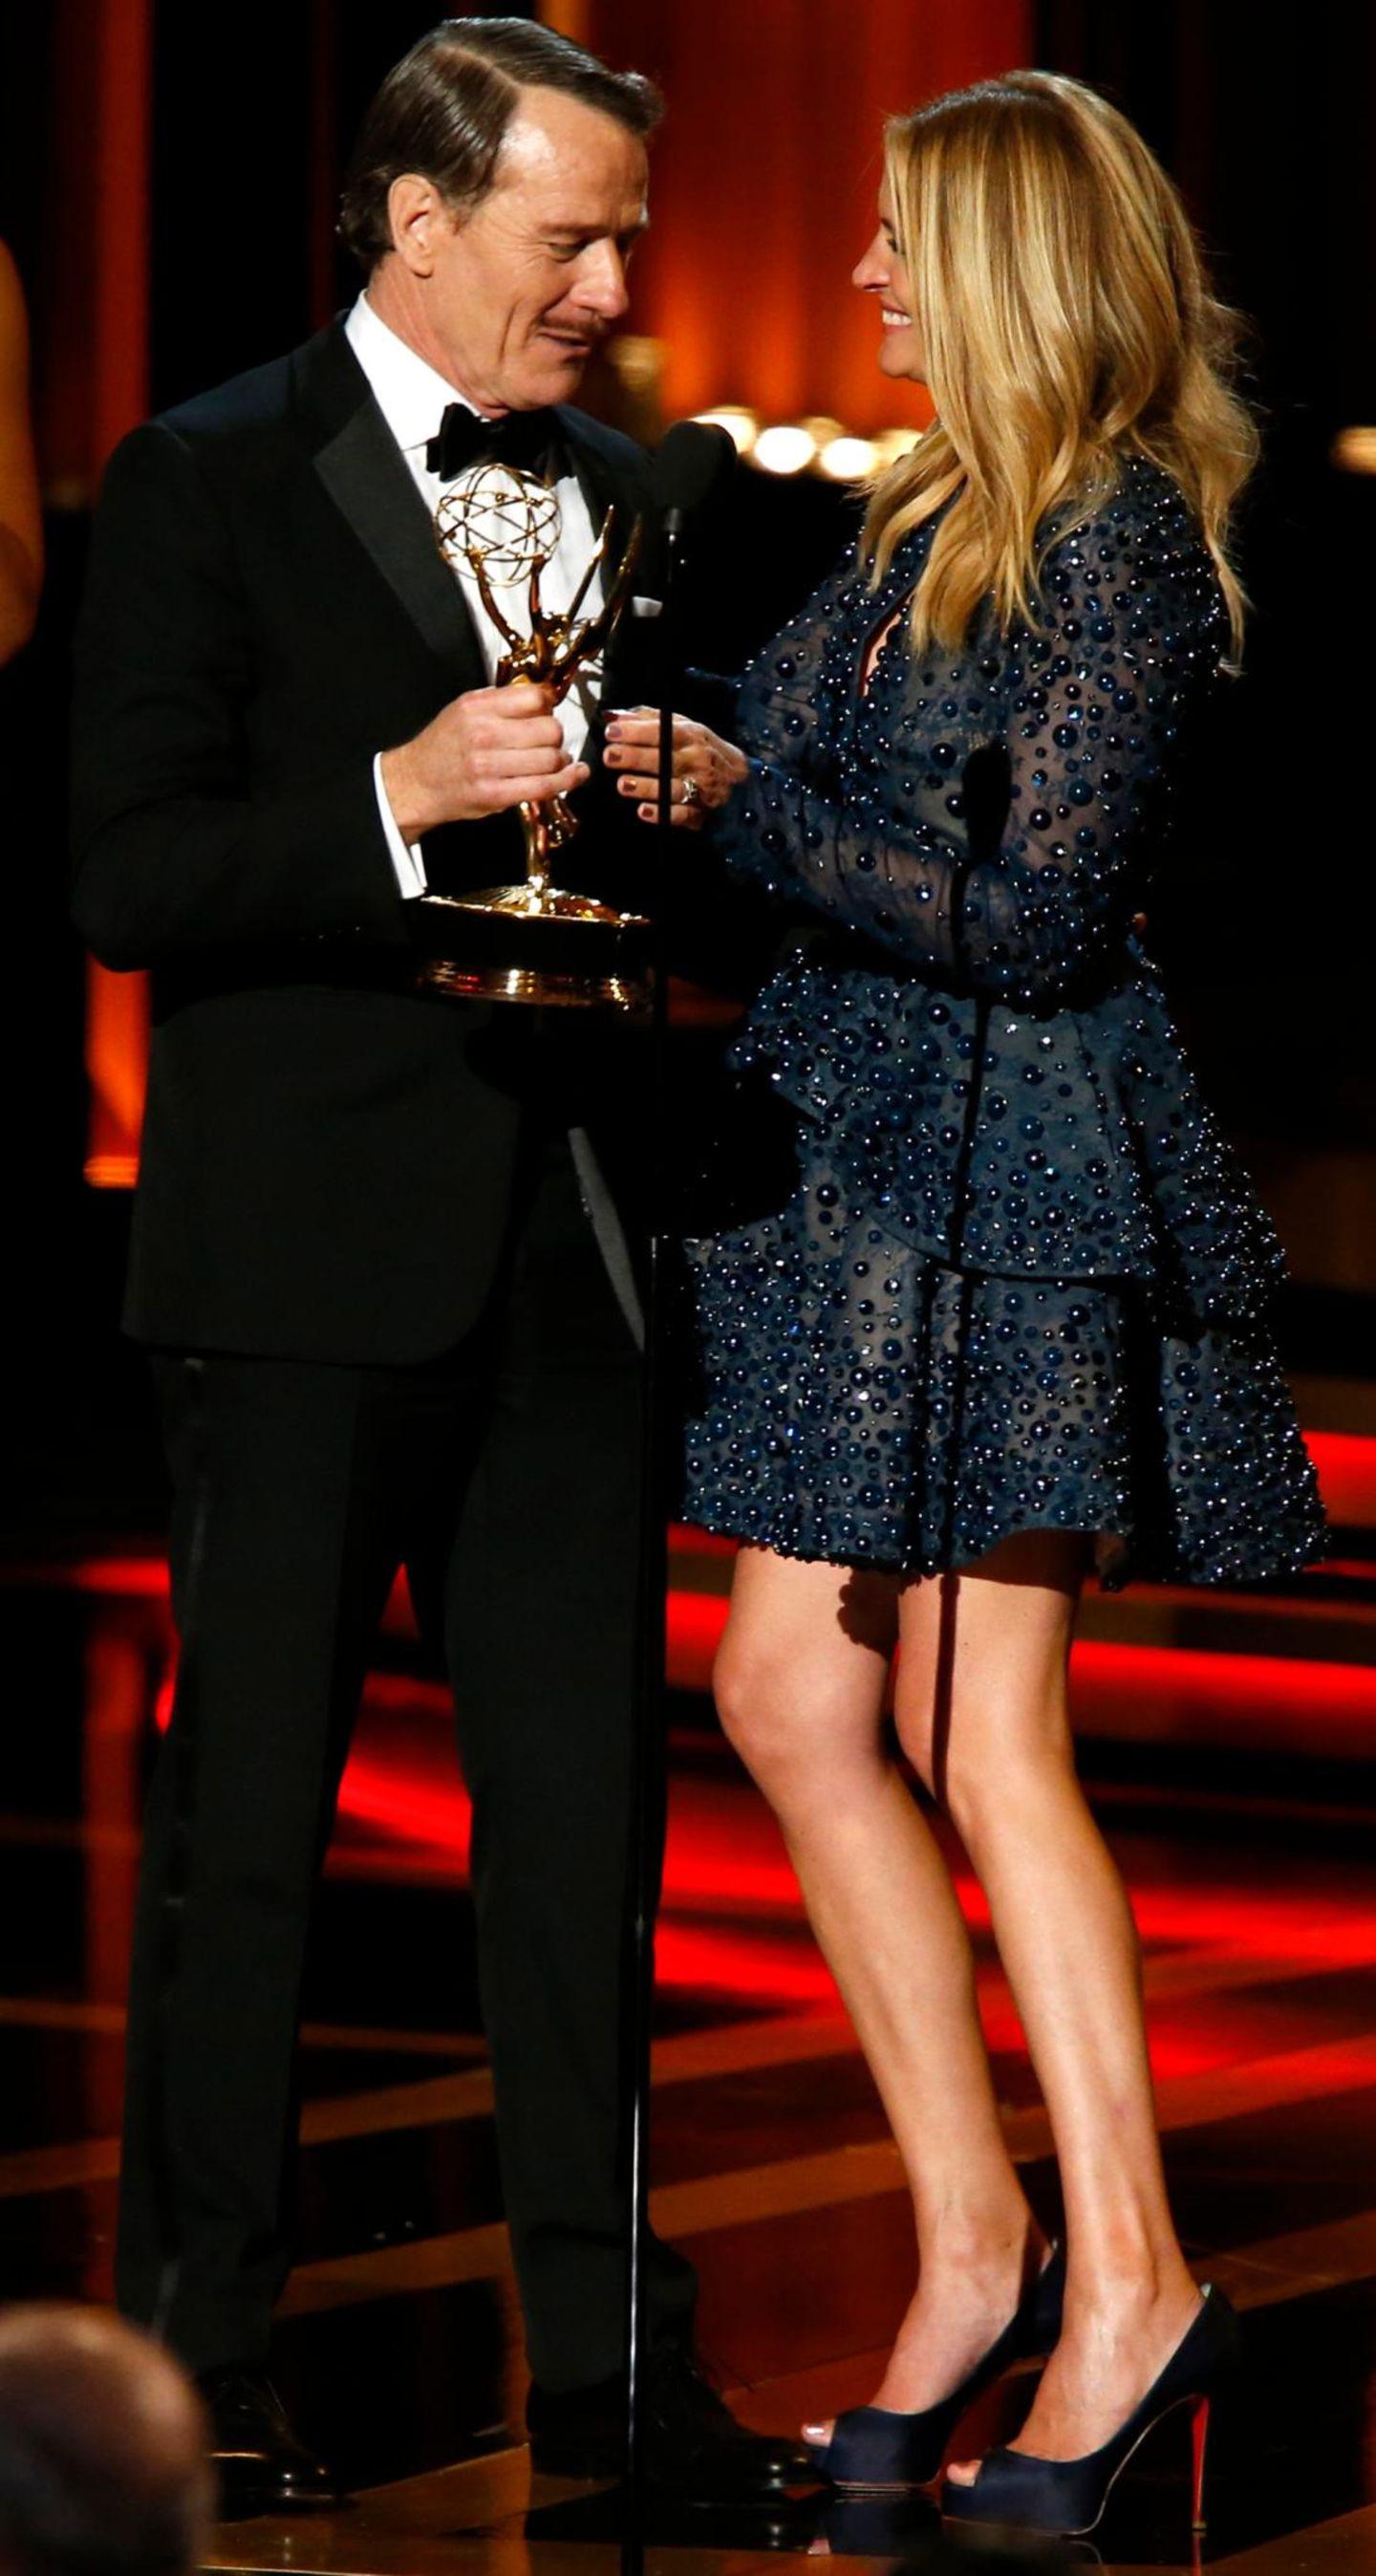 Bryan Cranston nimmt die Auszeichnung von Julia Roberts entgegen.